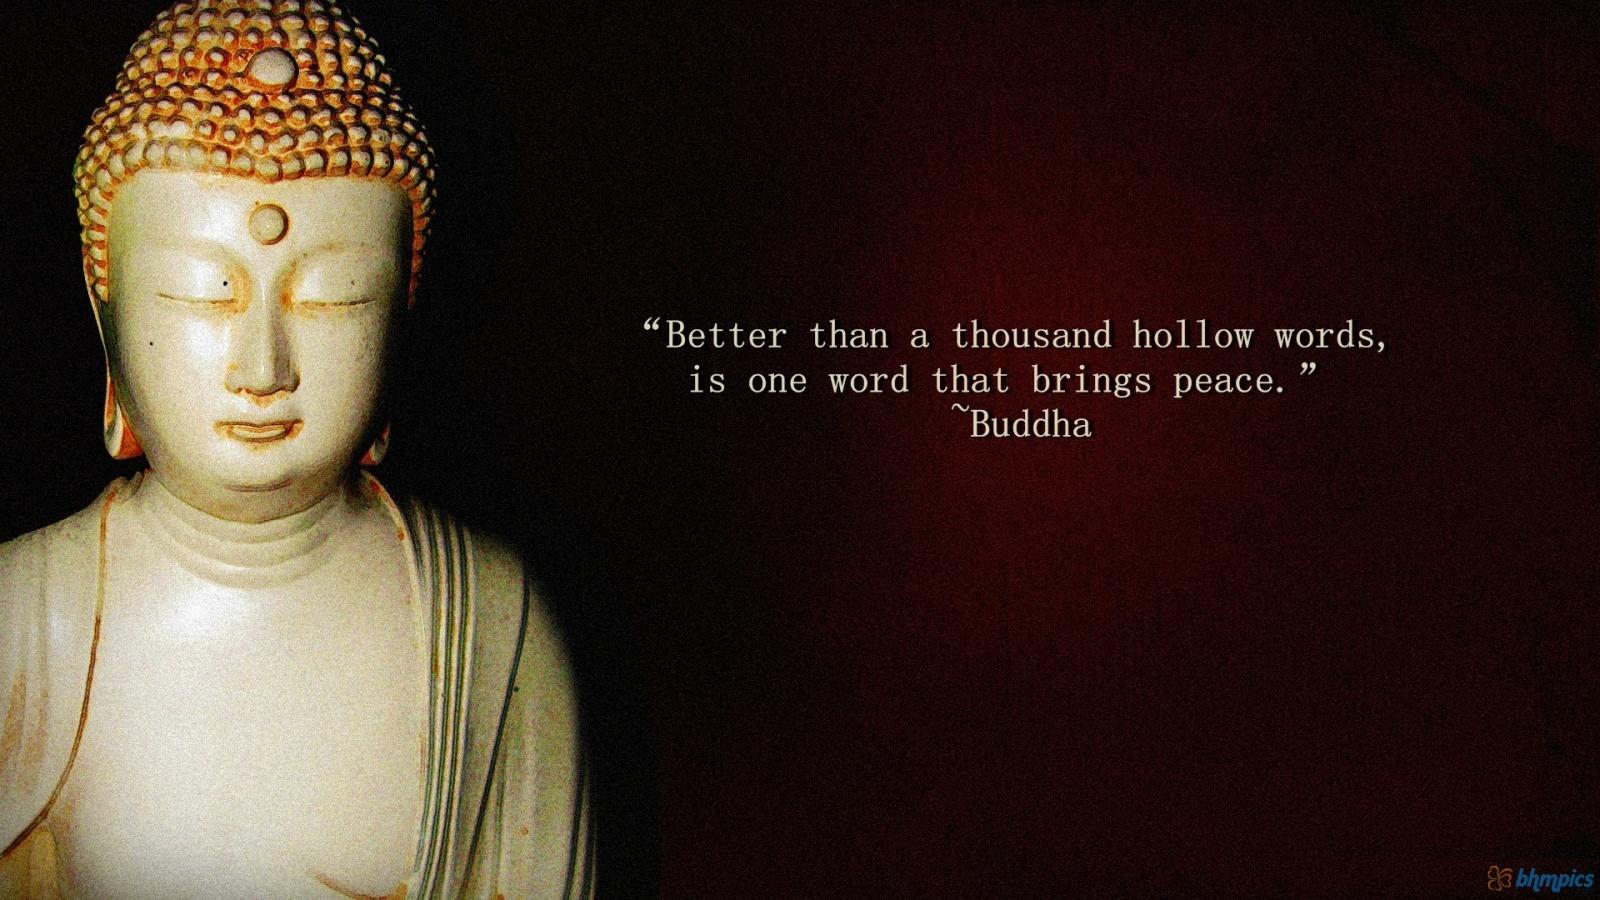 Buddha quote #1